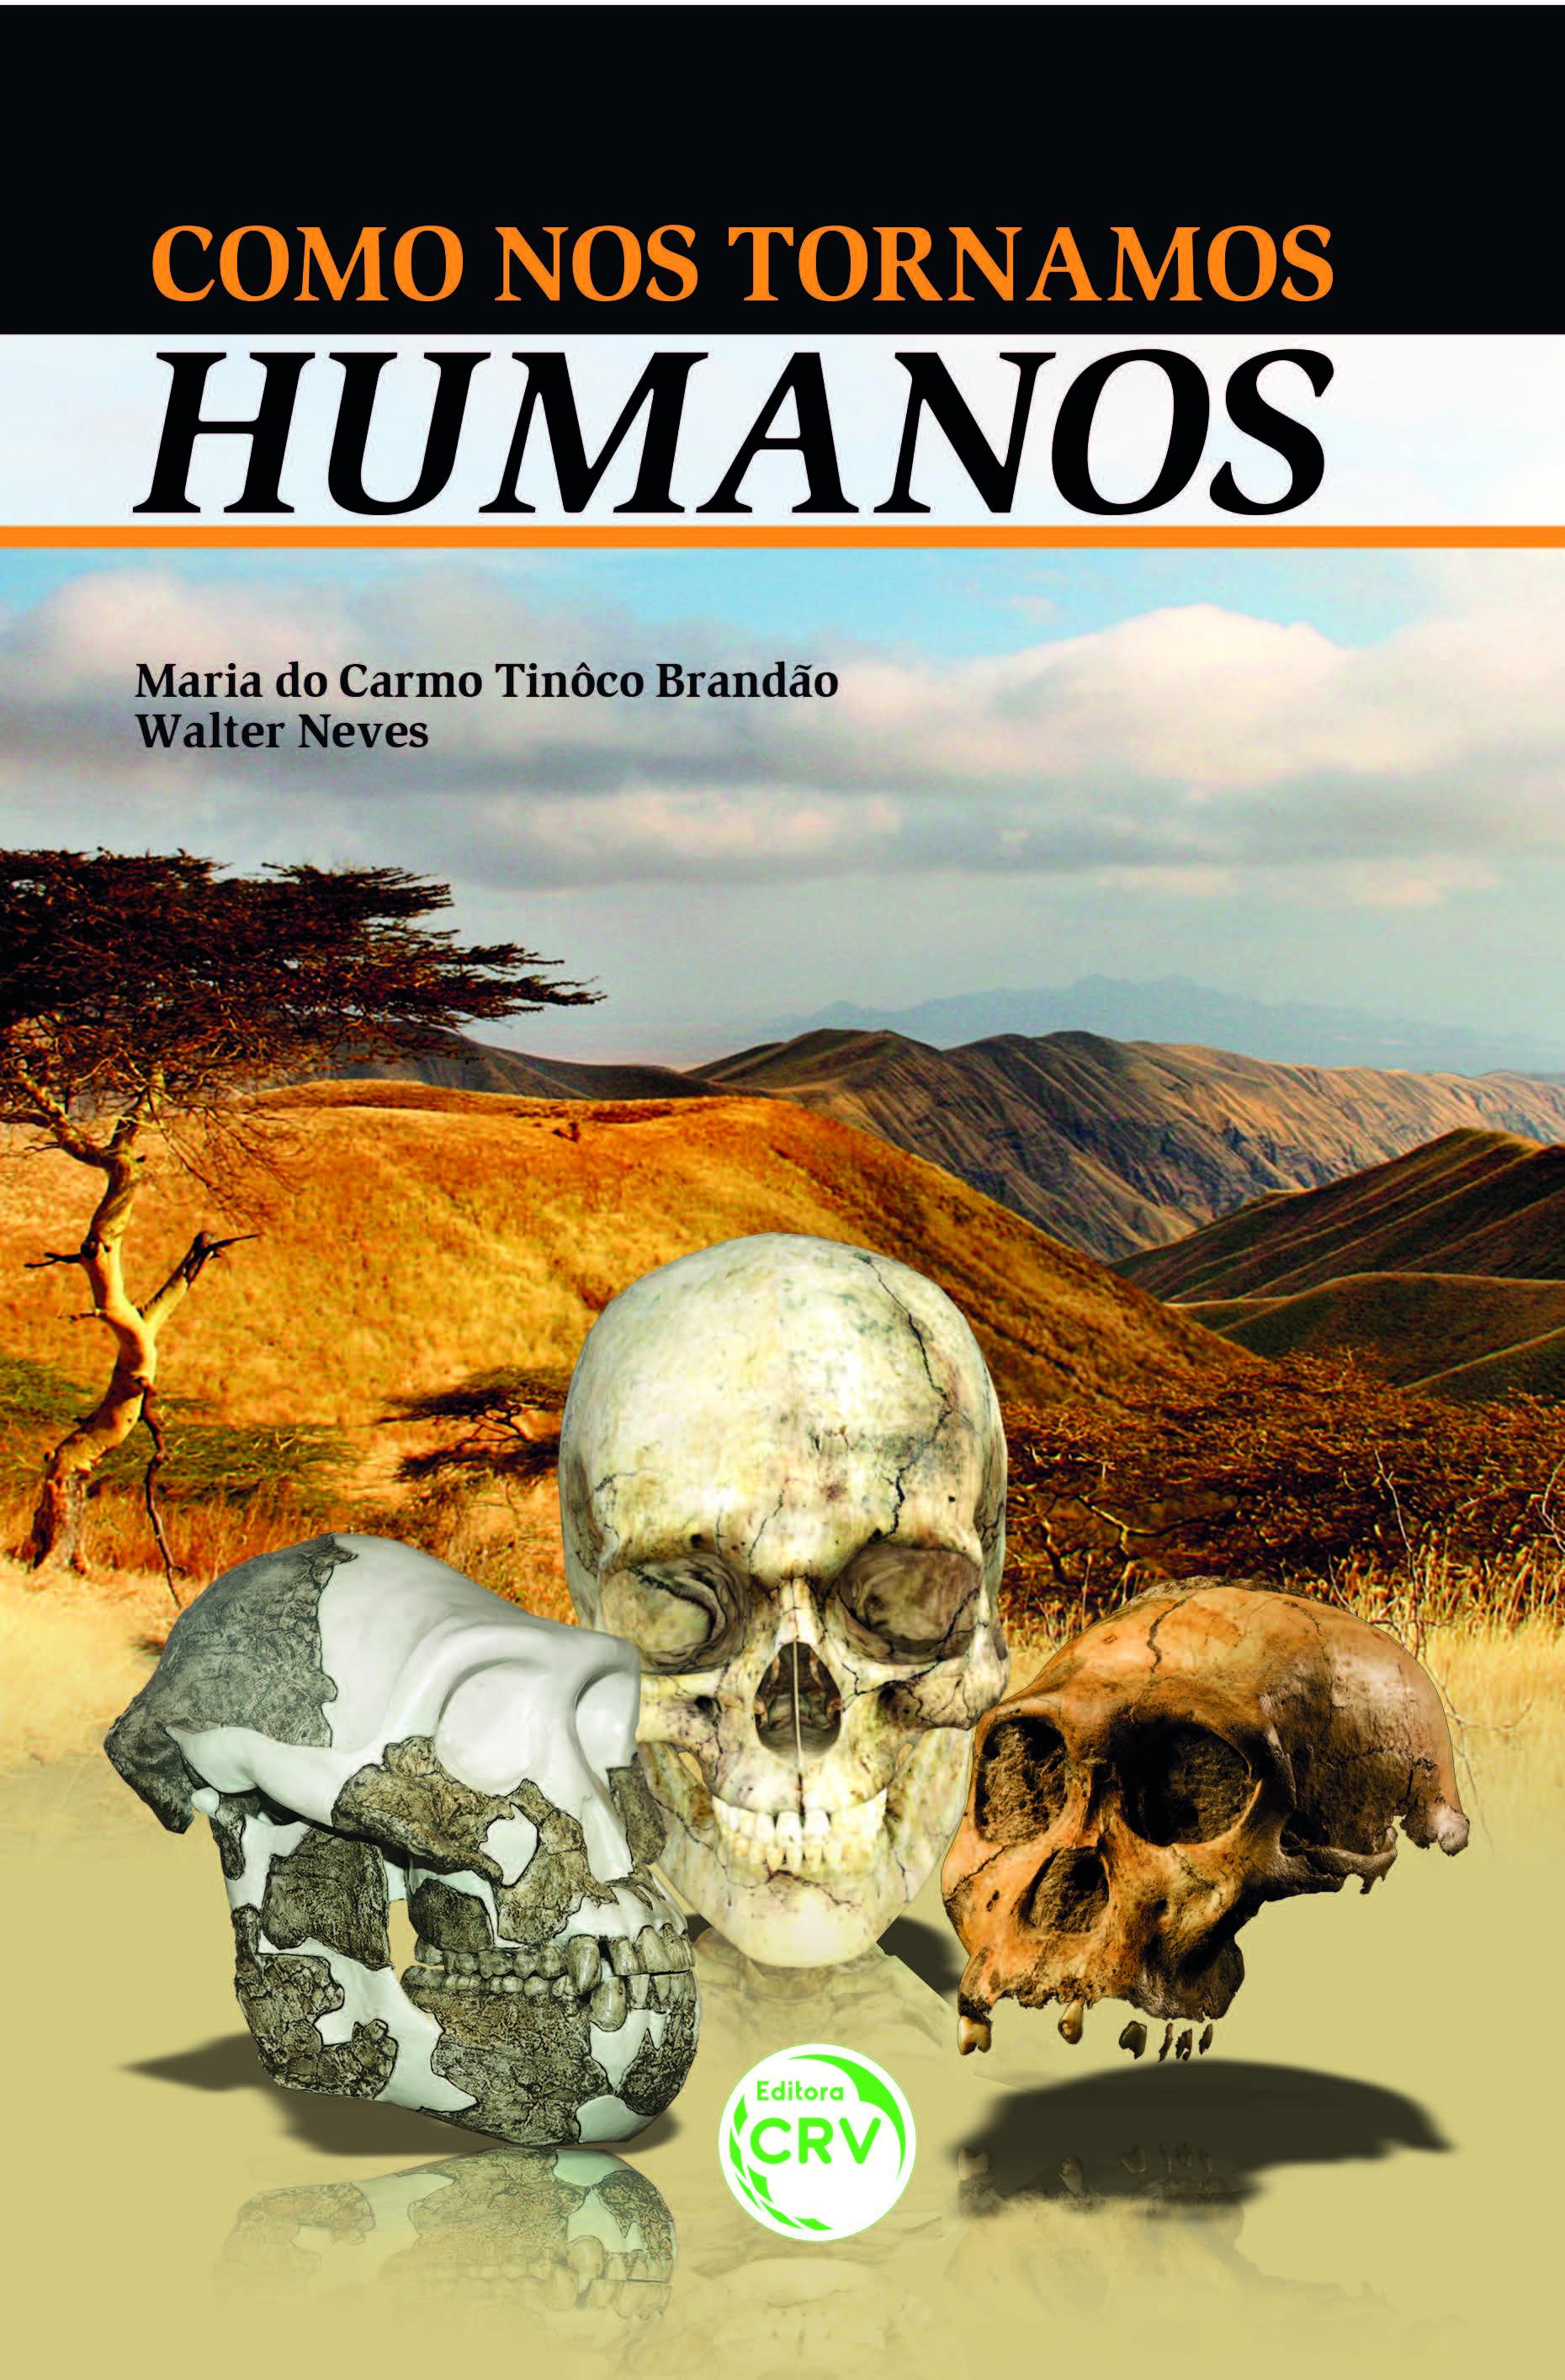 Capa do livro: COMO NOS TORNAMOS HUMANOS